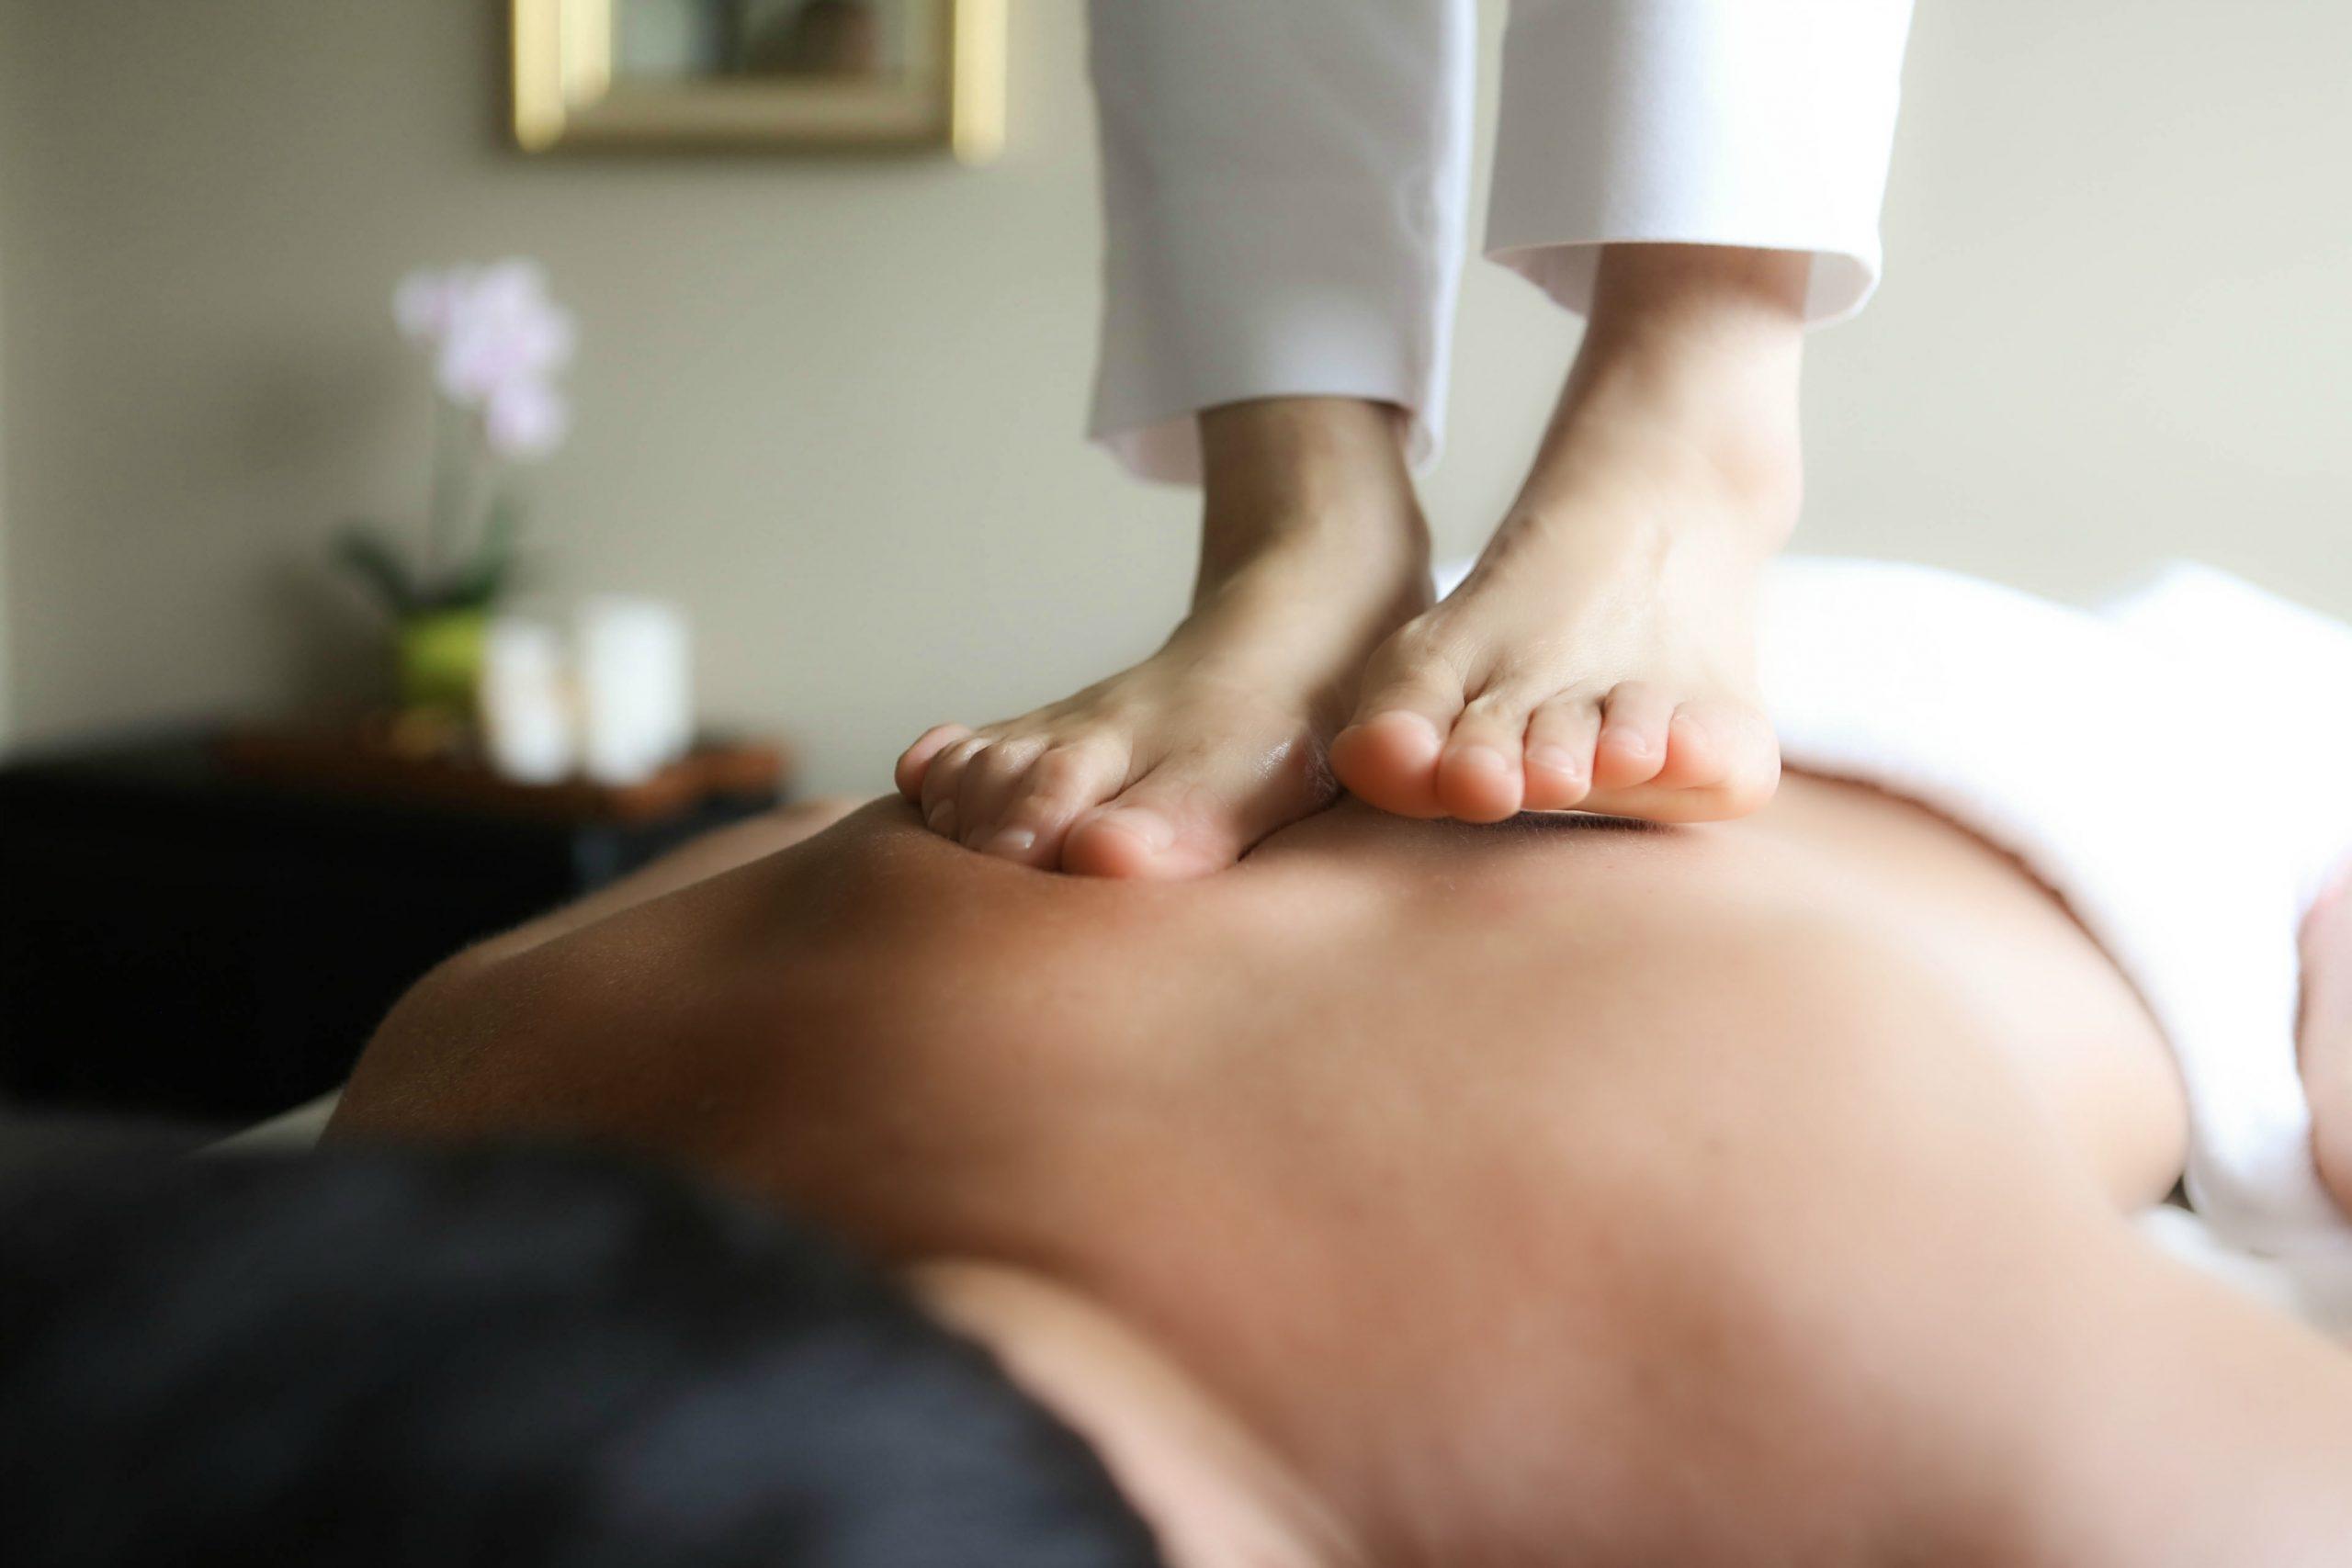 тайлански масаж варна крака тяло здраве лечение спорт грабо услуги масажи здраве